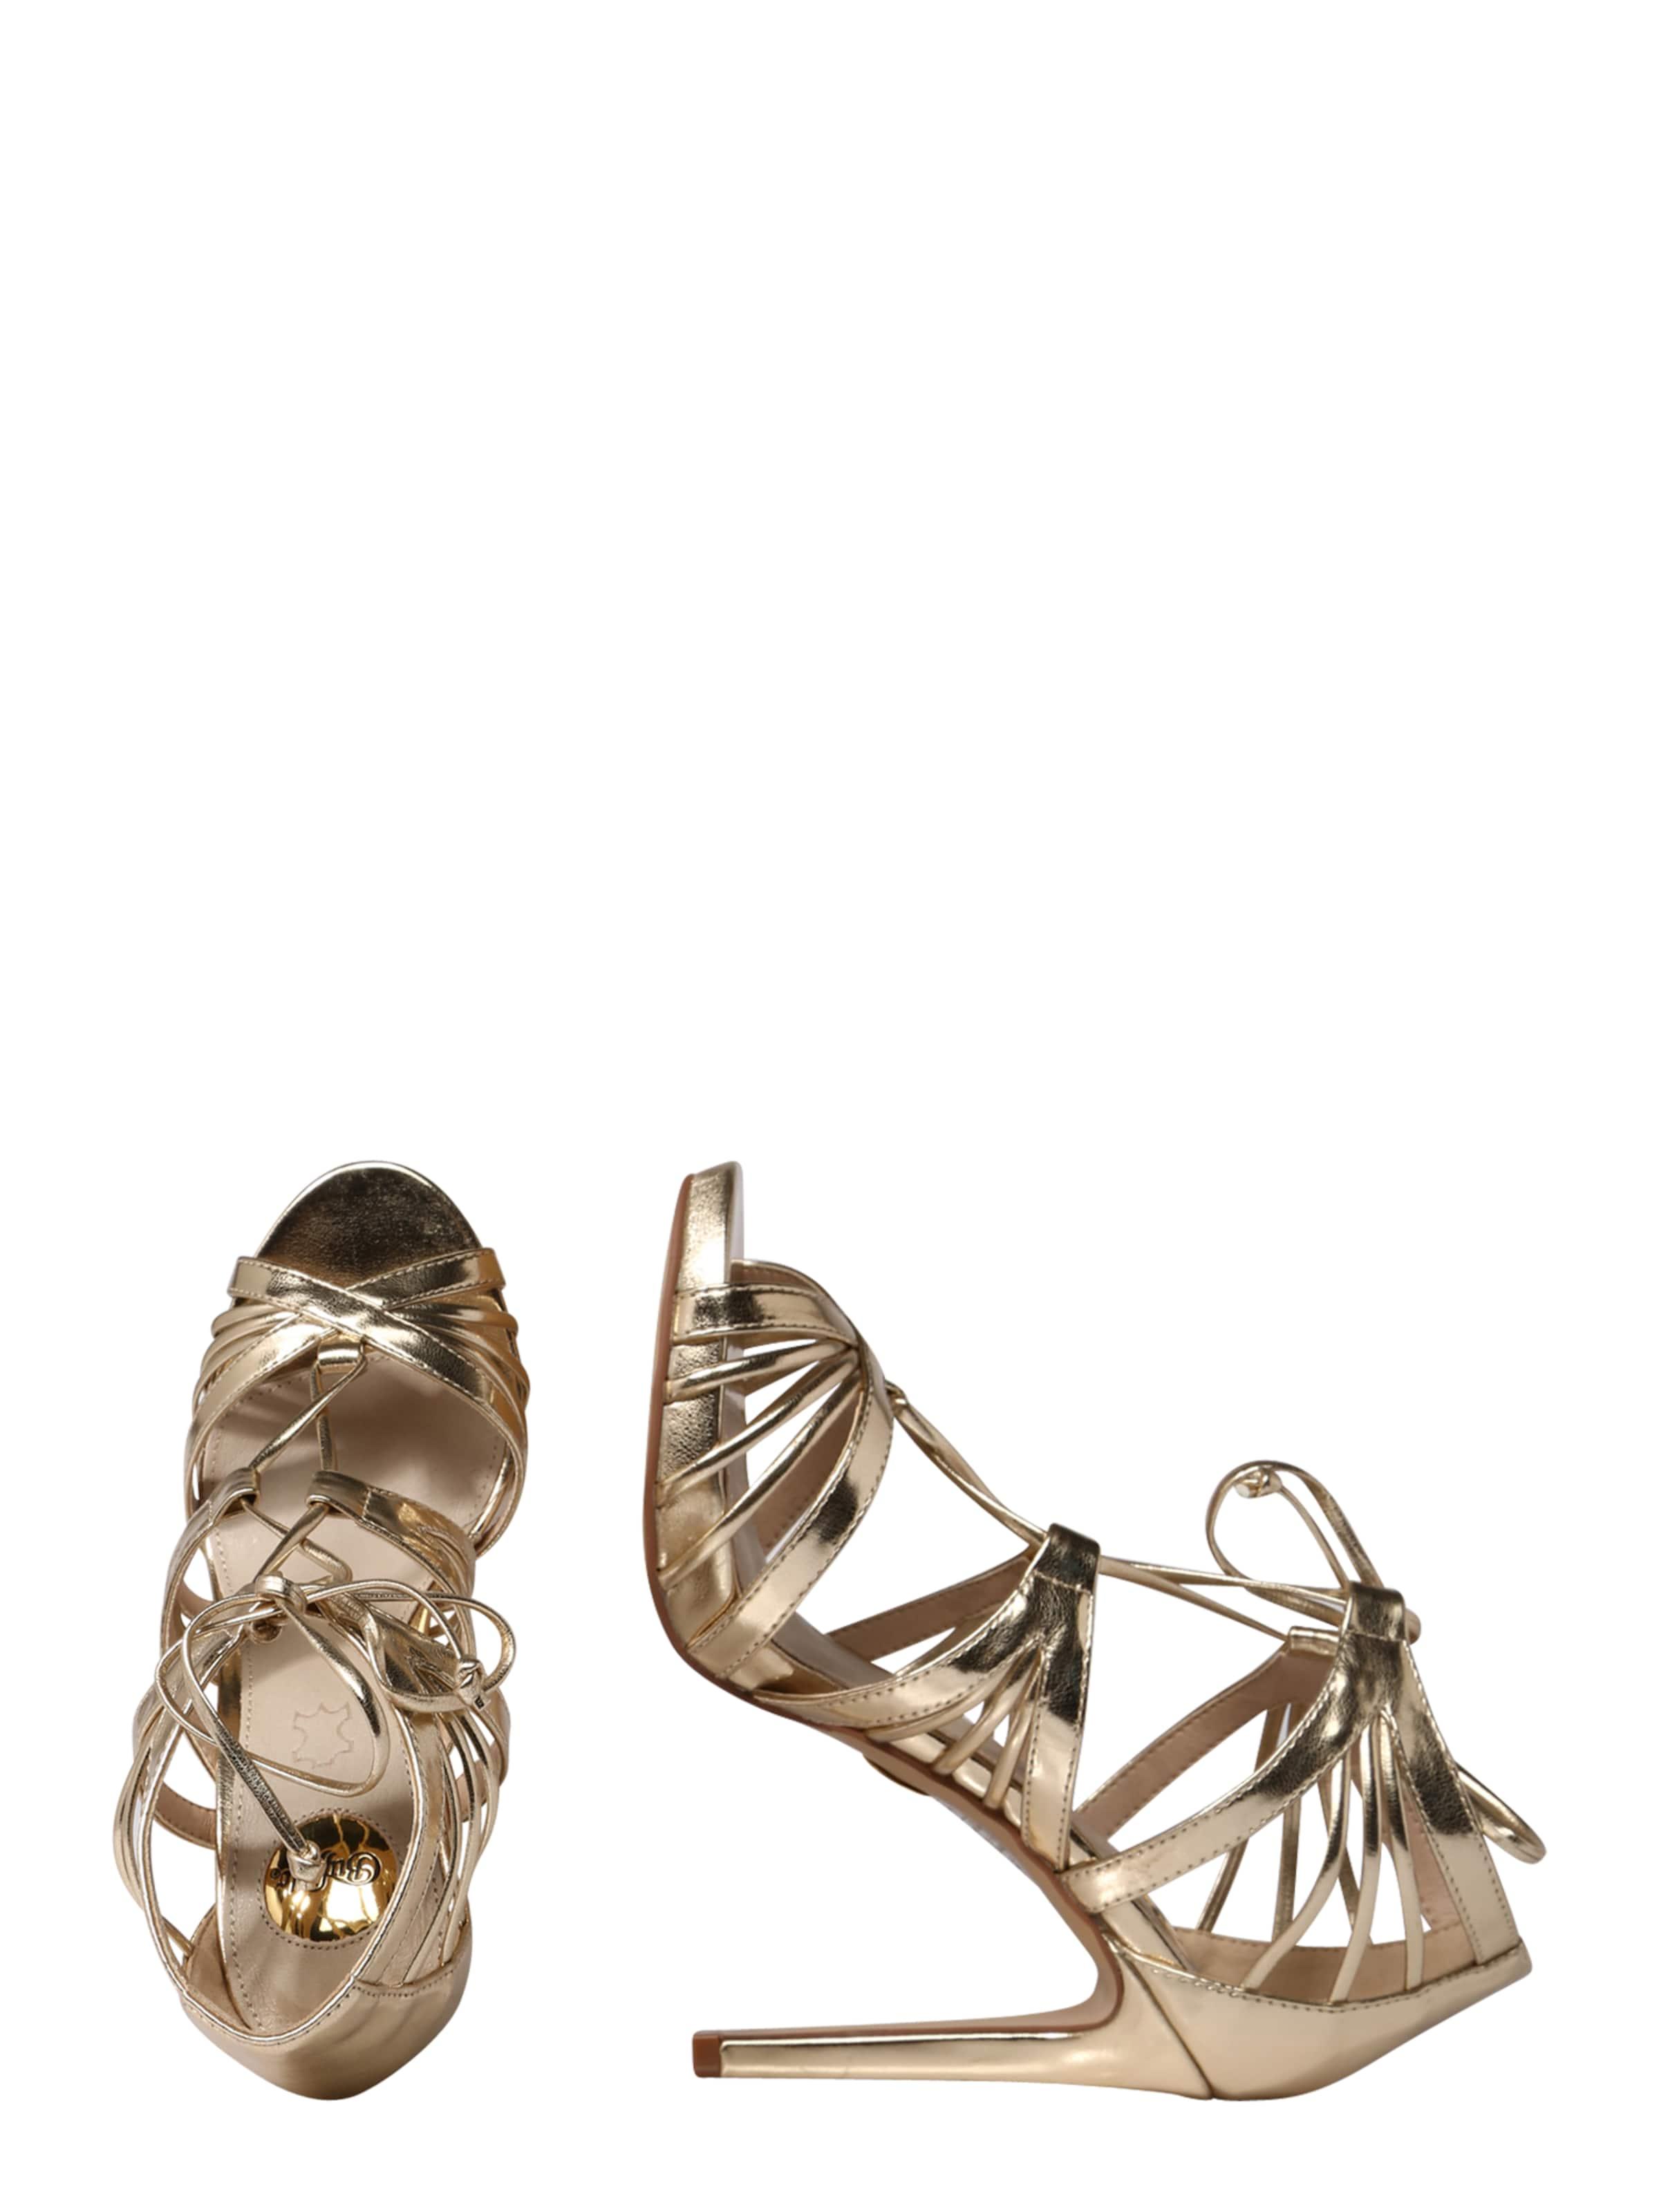 Gold 'ecaterina' In Buffalo Sandalette Buffalo Sandalette xBdoCe